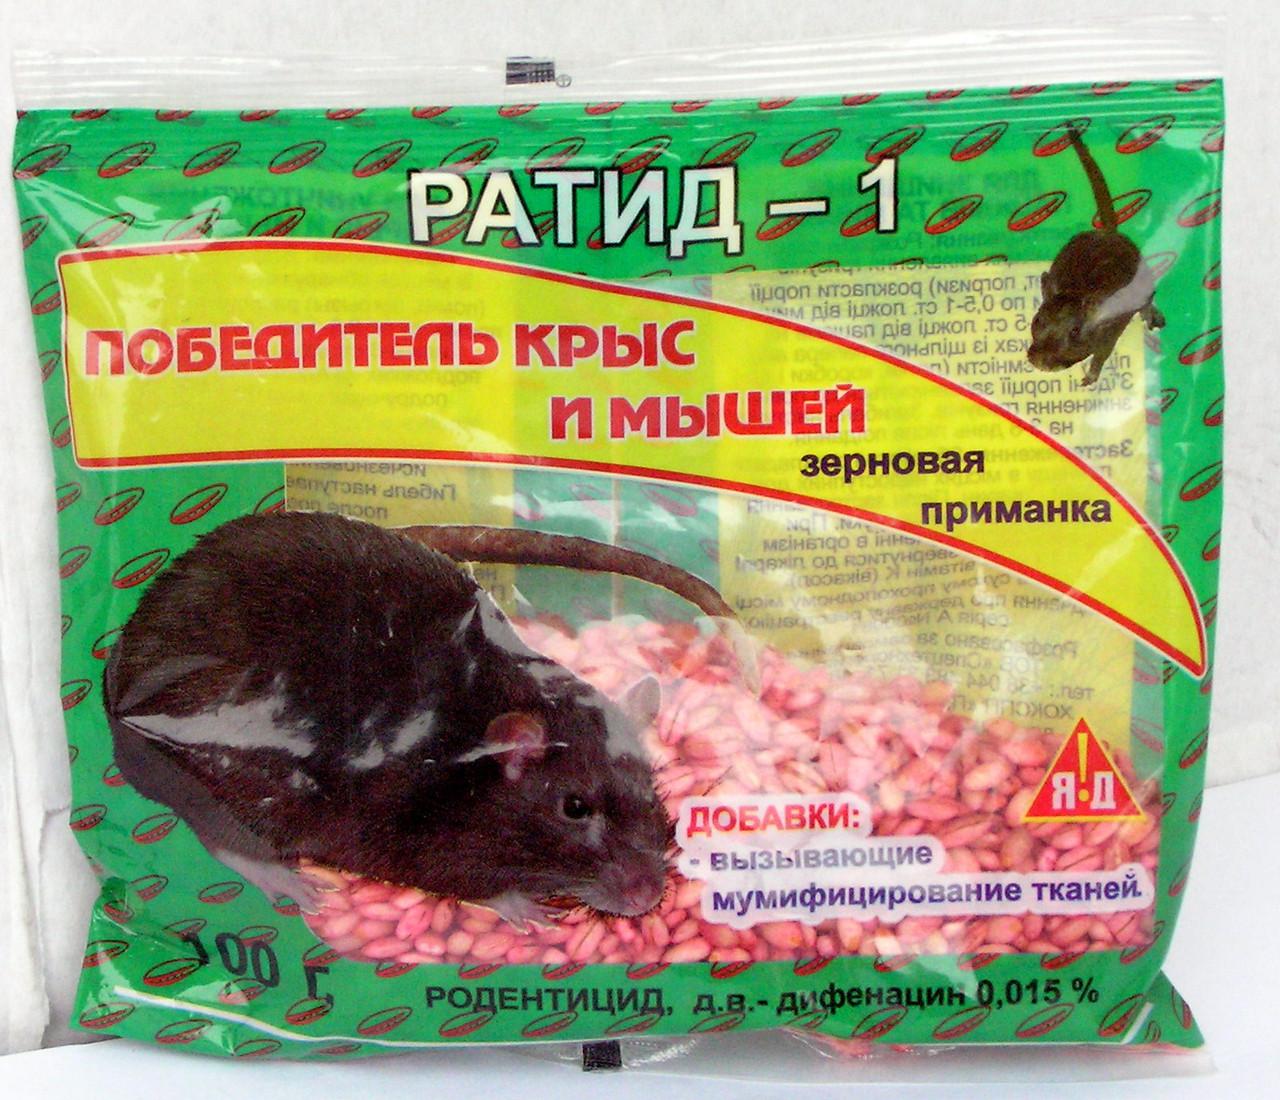 Приманка для крыс, мышей, грызунов